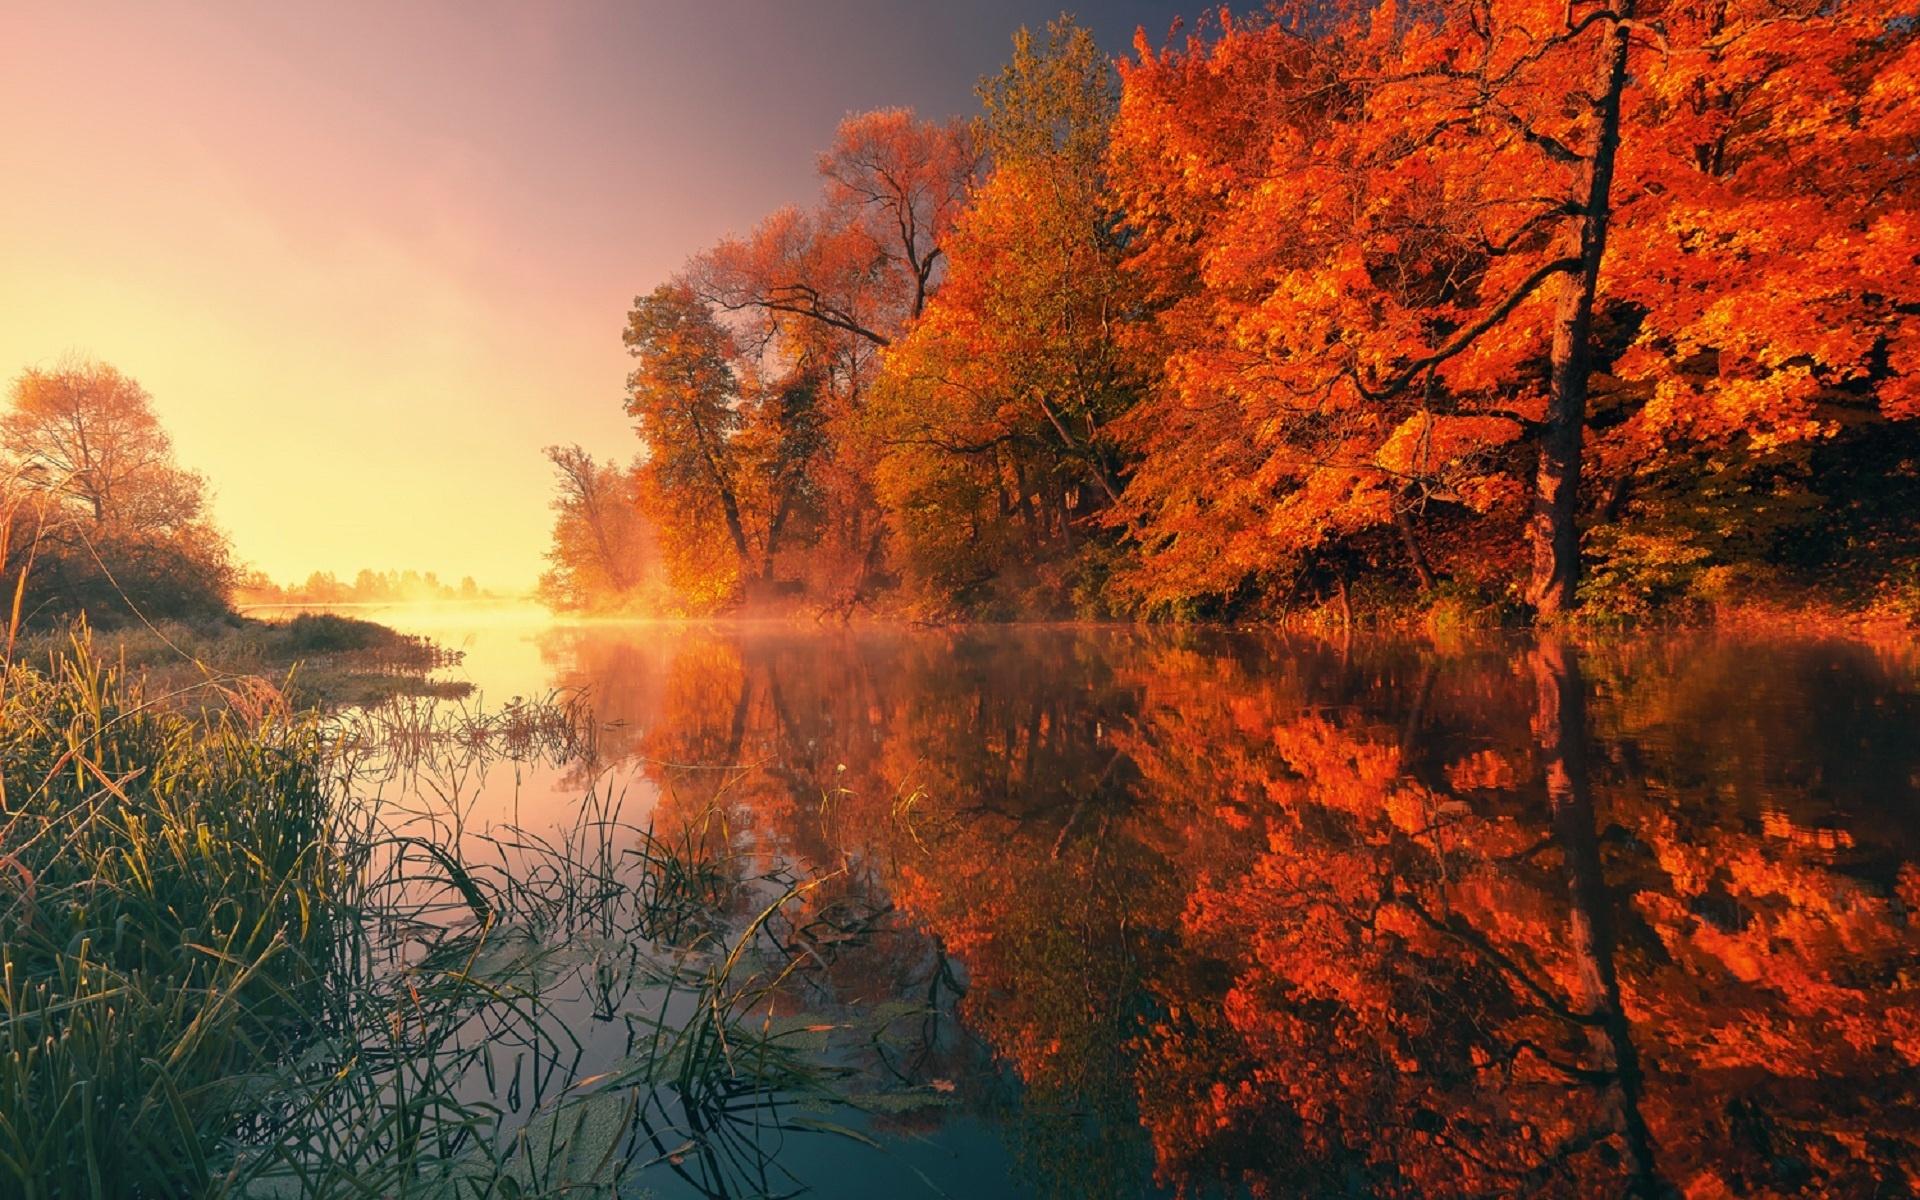 природа, пейзаж, осень, река, трава, деревья